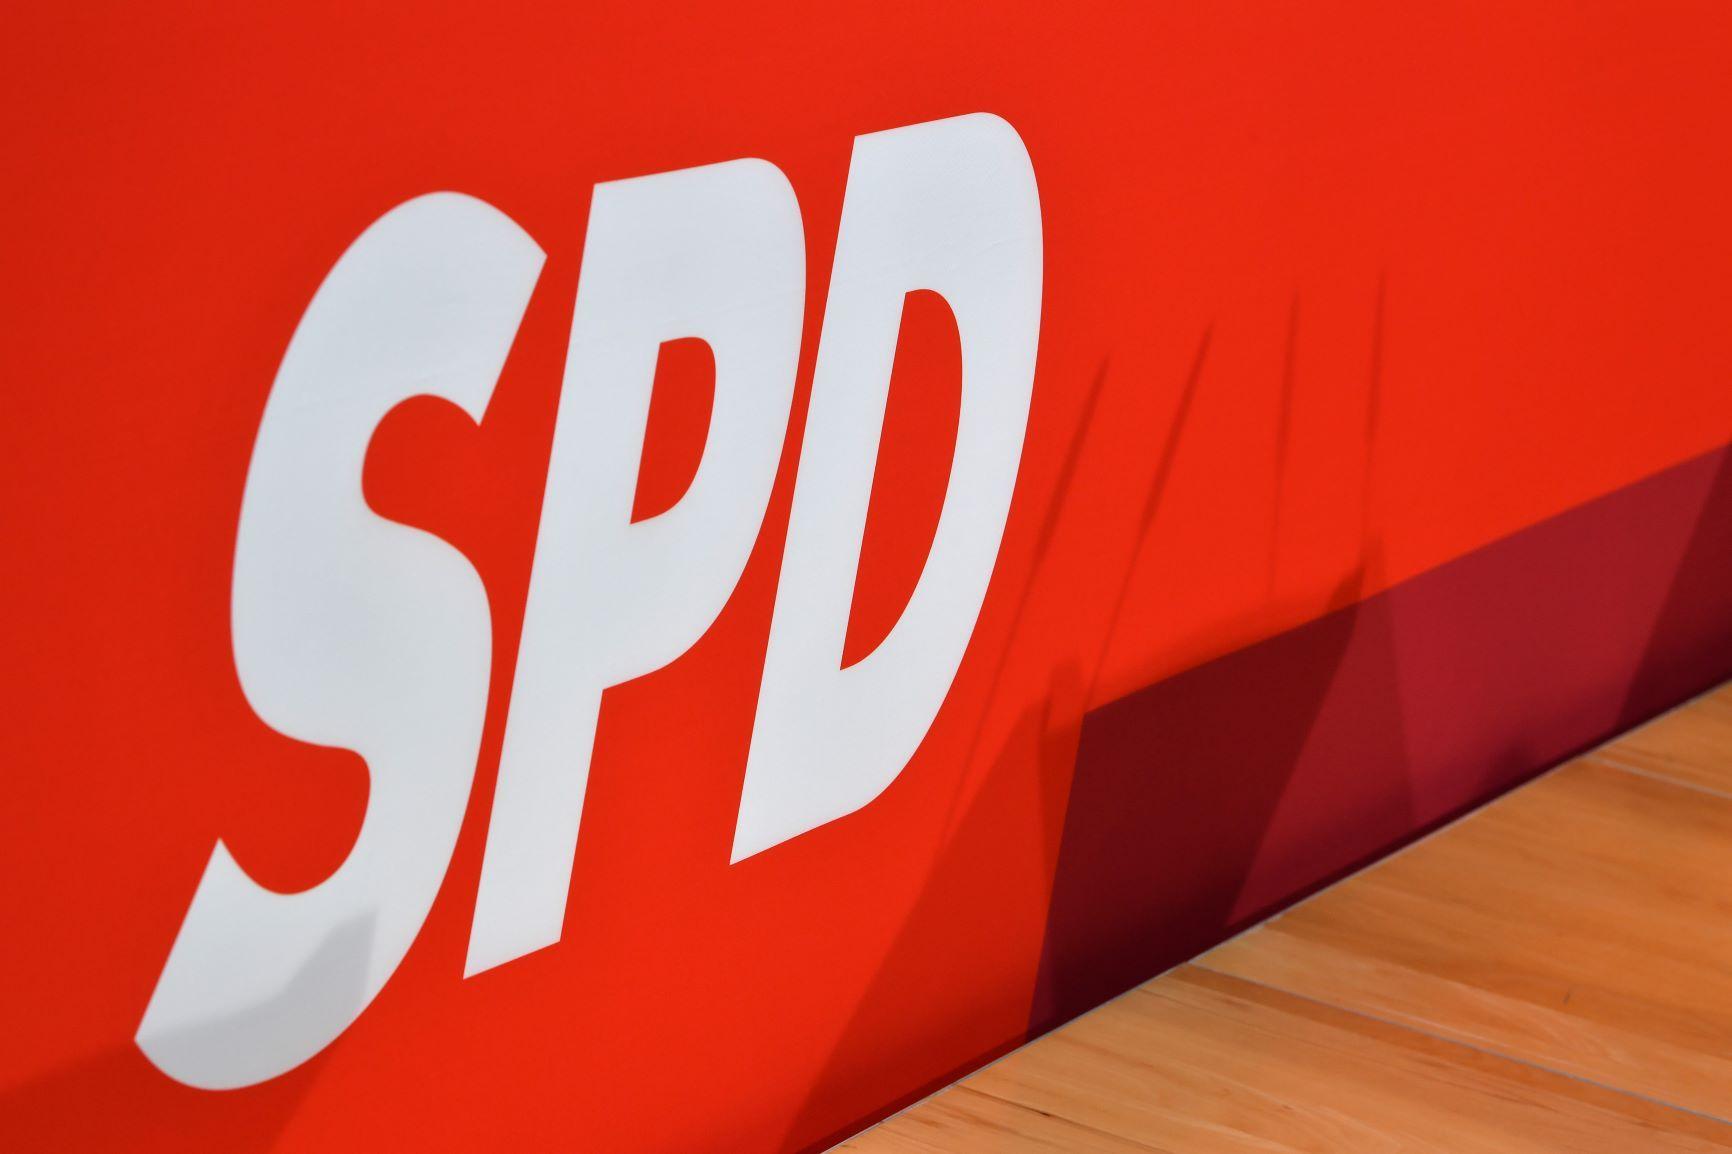 Symbolbild: dpa/von Jutrczenka